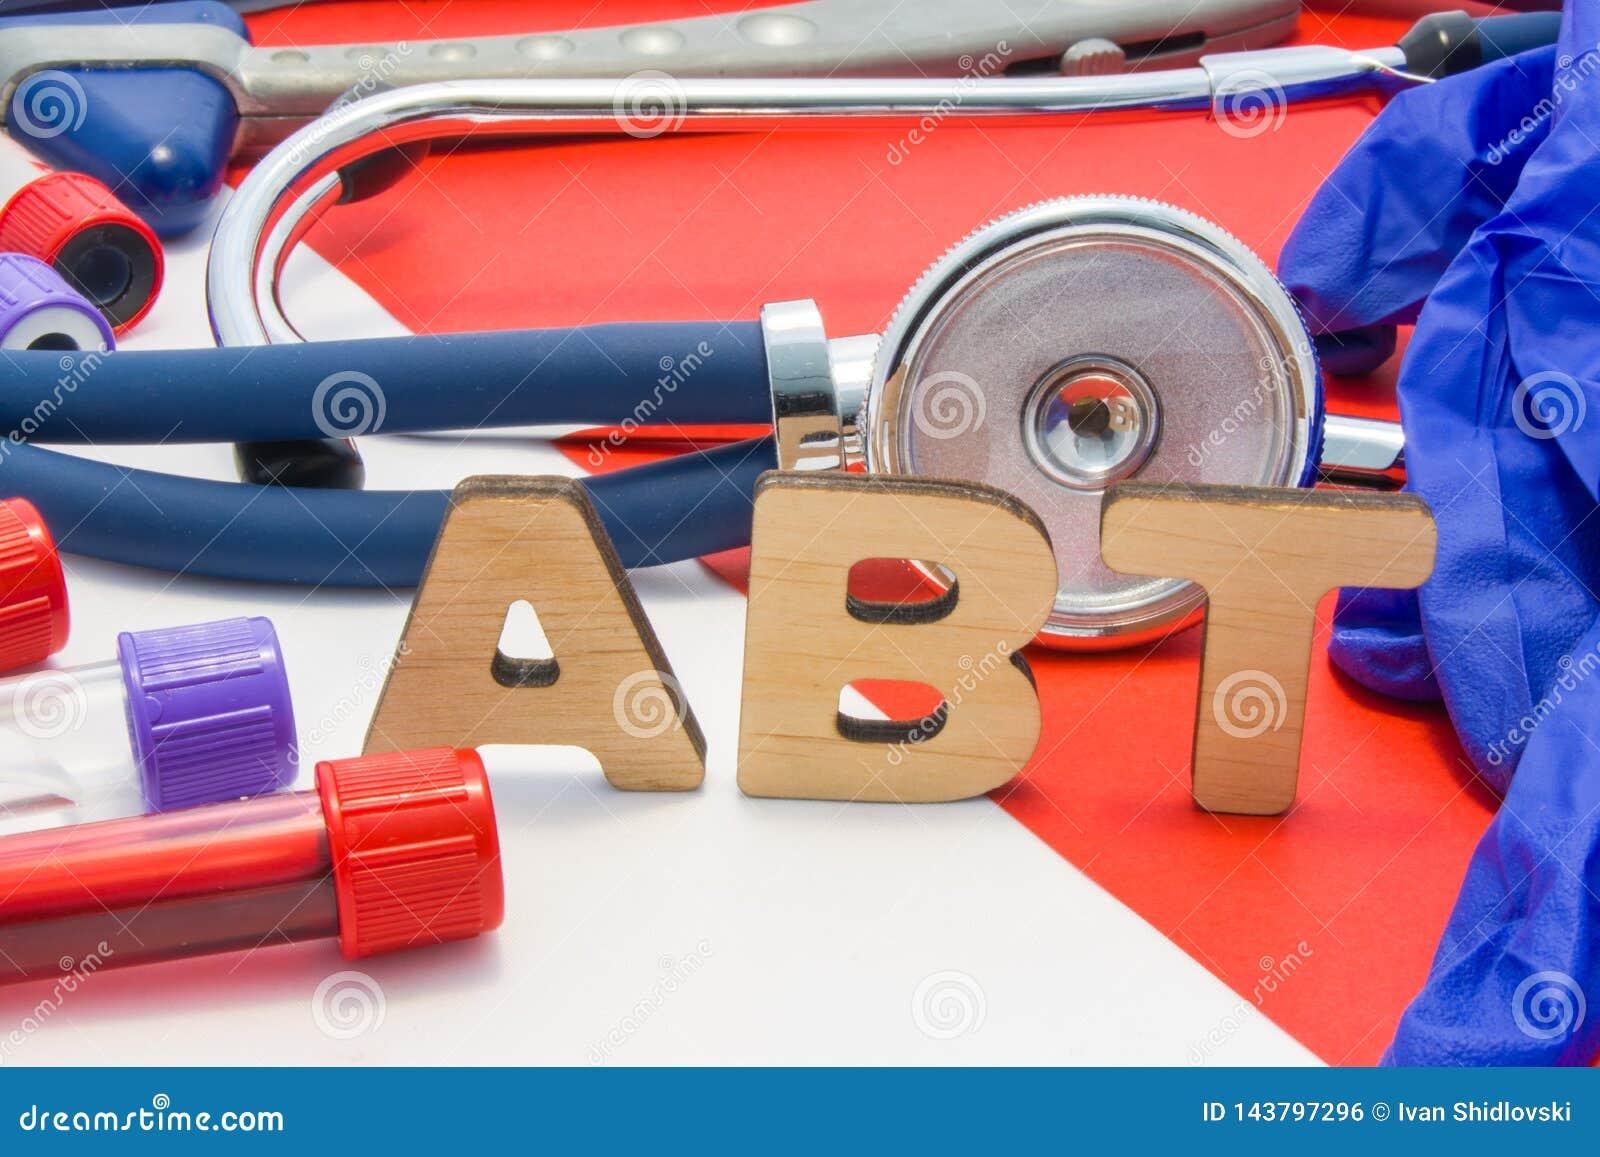 Titer médico do anticorpo do significado da abreviatura de ABT no sangue em diagnósticos do laboratório no fundo vermelho O nome